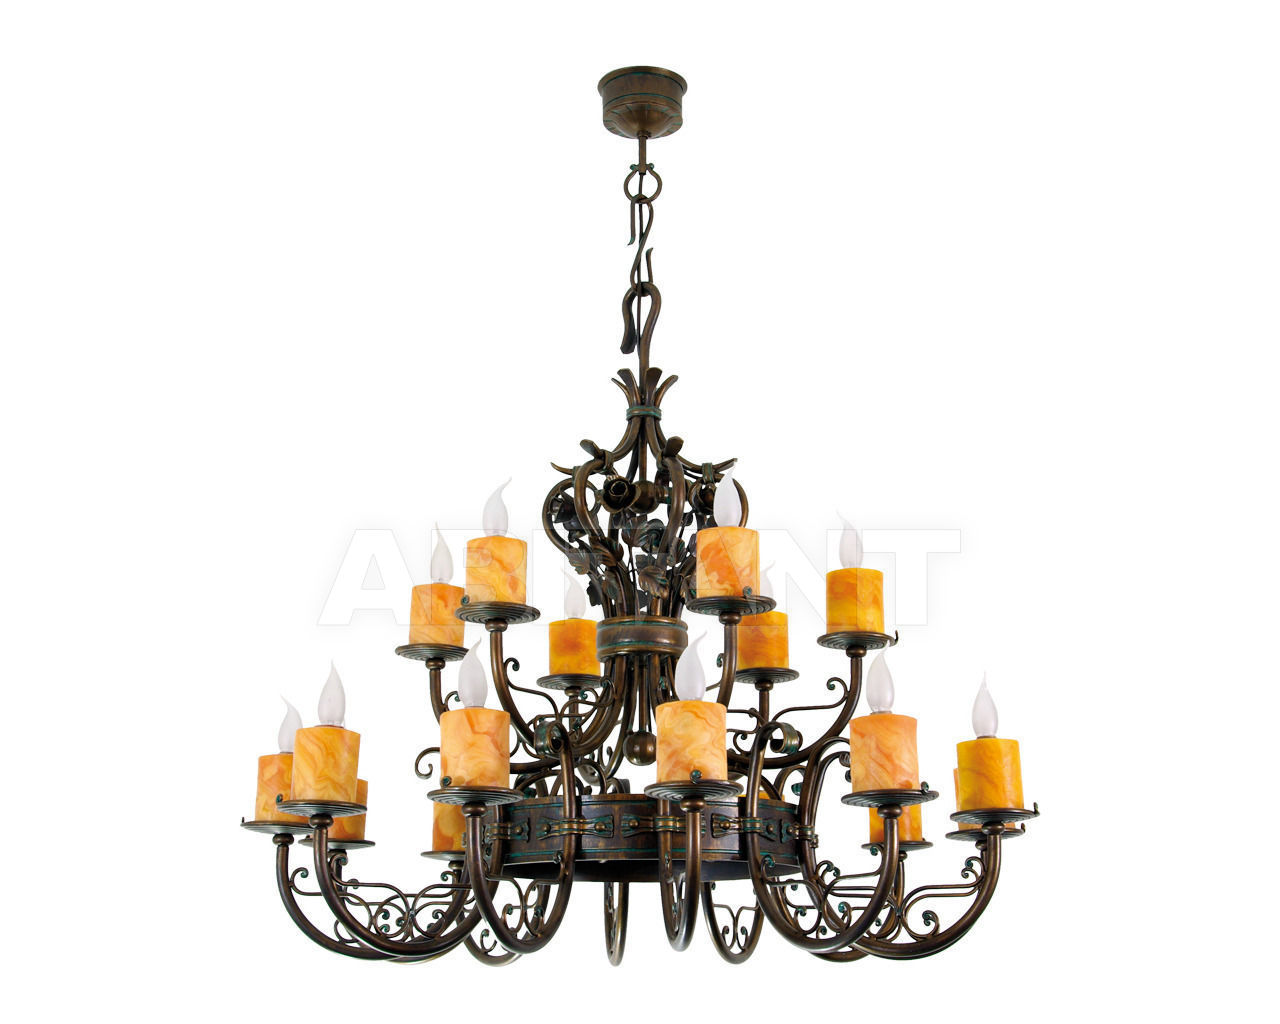 Купить Люстра Canina FMB Leuchten Schmiedeeisen Lampen Und Leuchten 94178